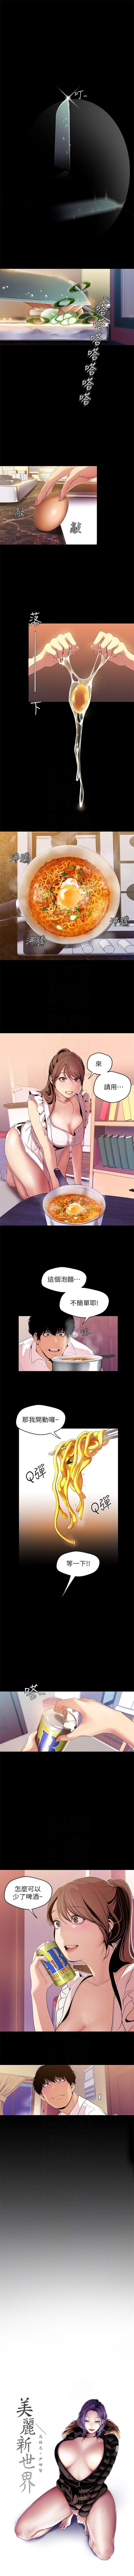 (周6)美丽新世界 1-61 中文翻译 (更新中) 369